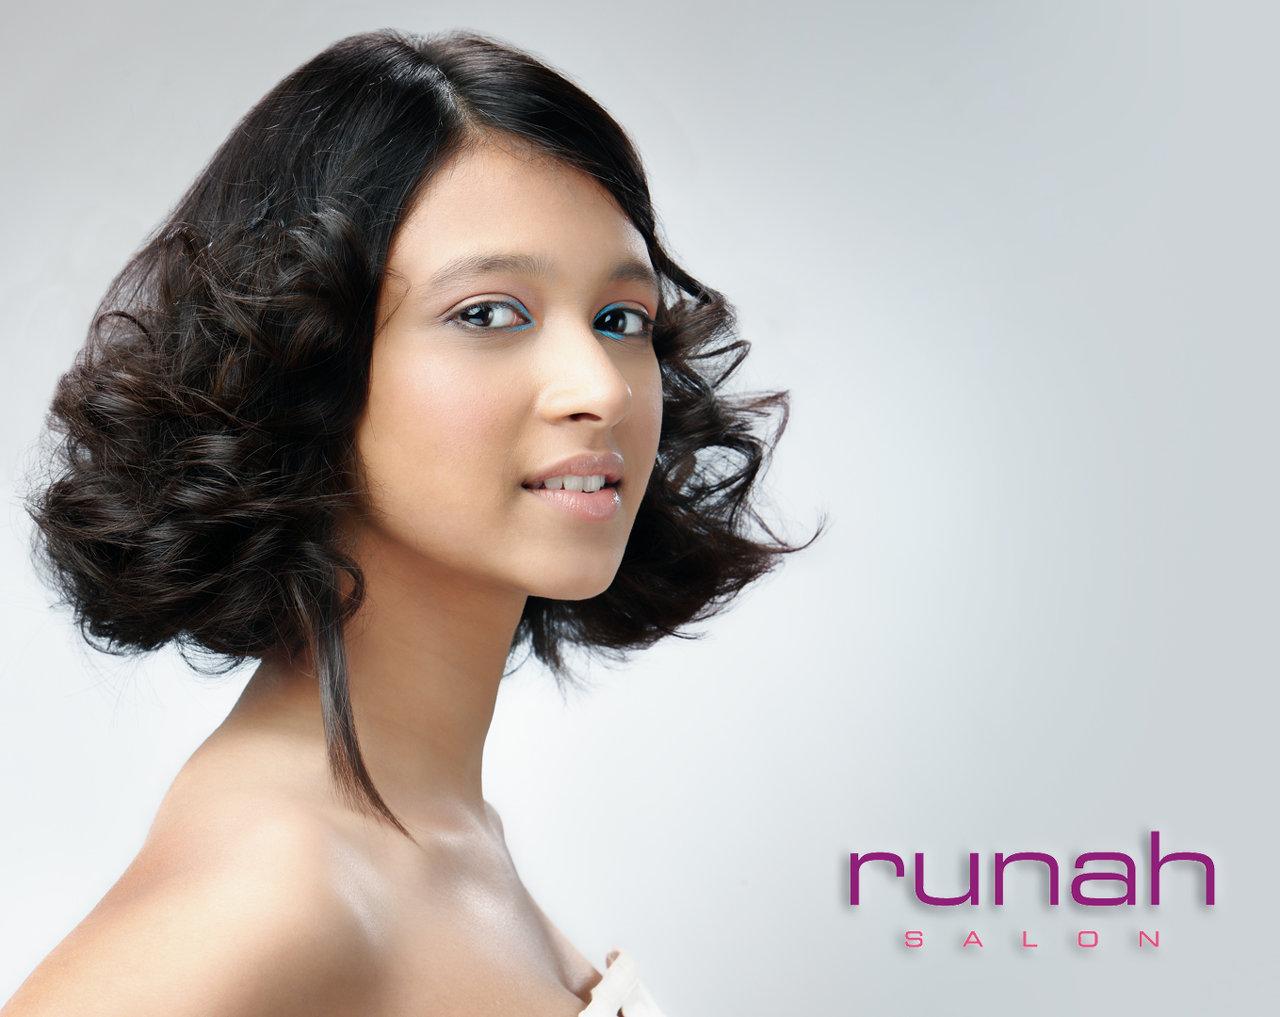 Runah